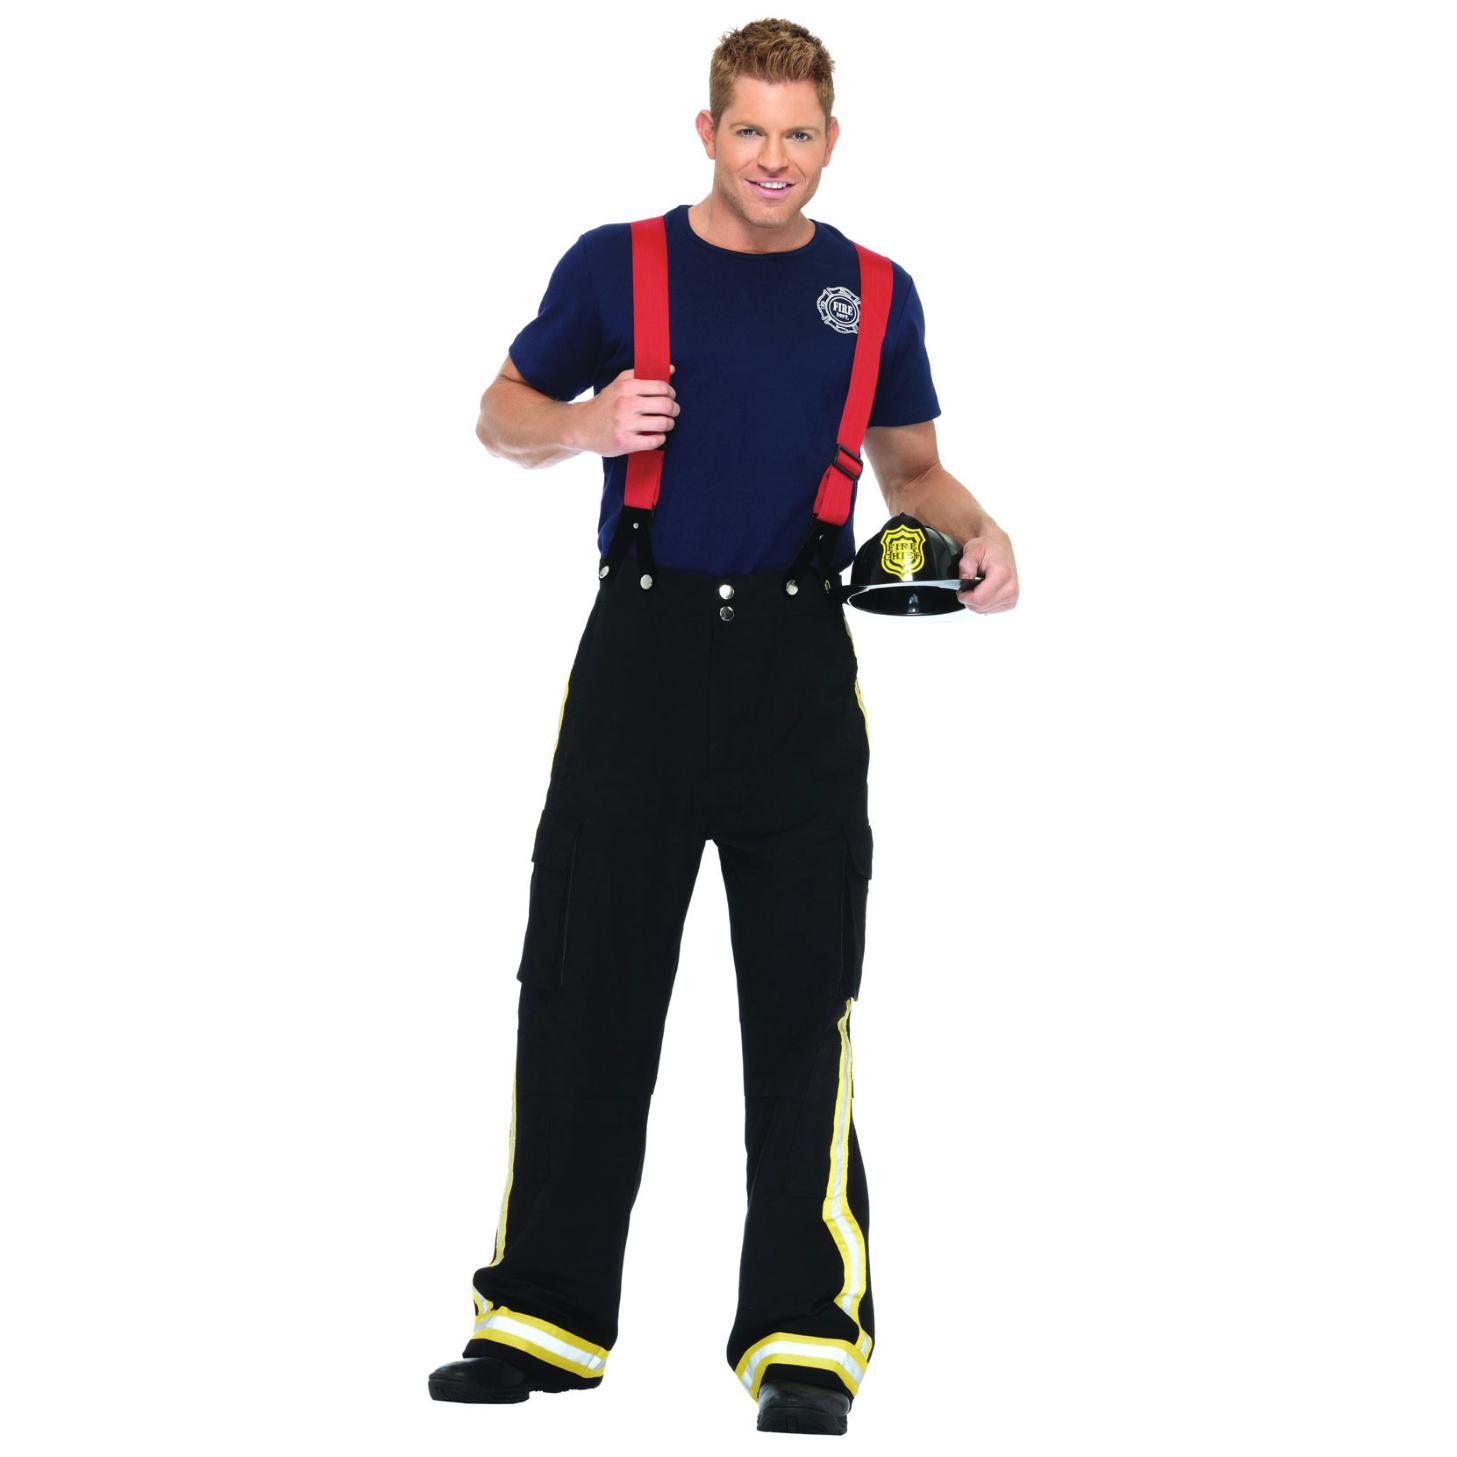 sexy fireman firefighter costume - Fireman Halloween